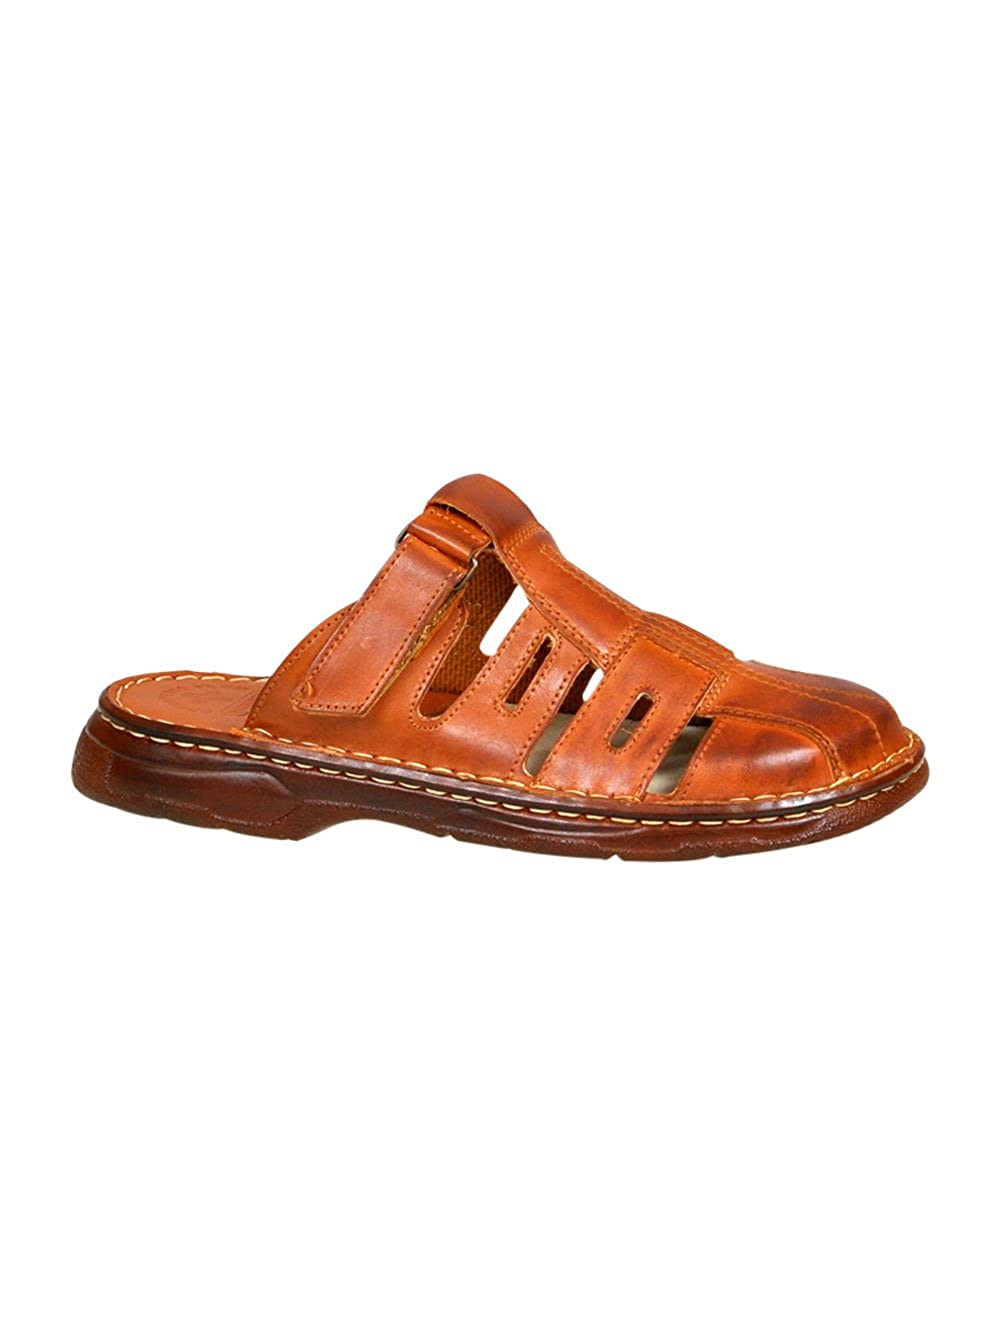 Sandales De Type Mule Pour Homme Chaussures Confortables En Cuir Naturel De Bison De Forme Orthopedique Modele 862